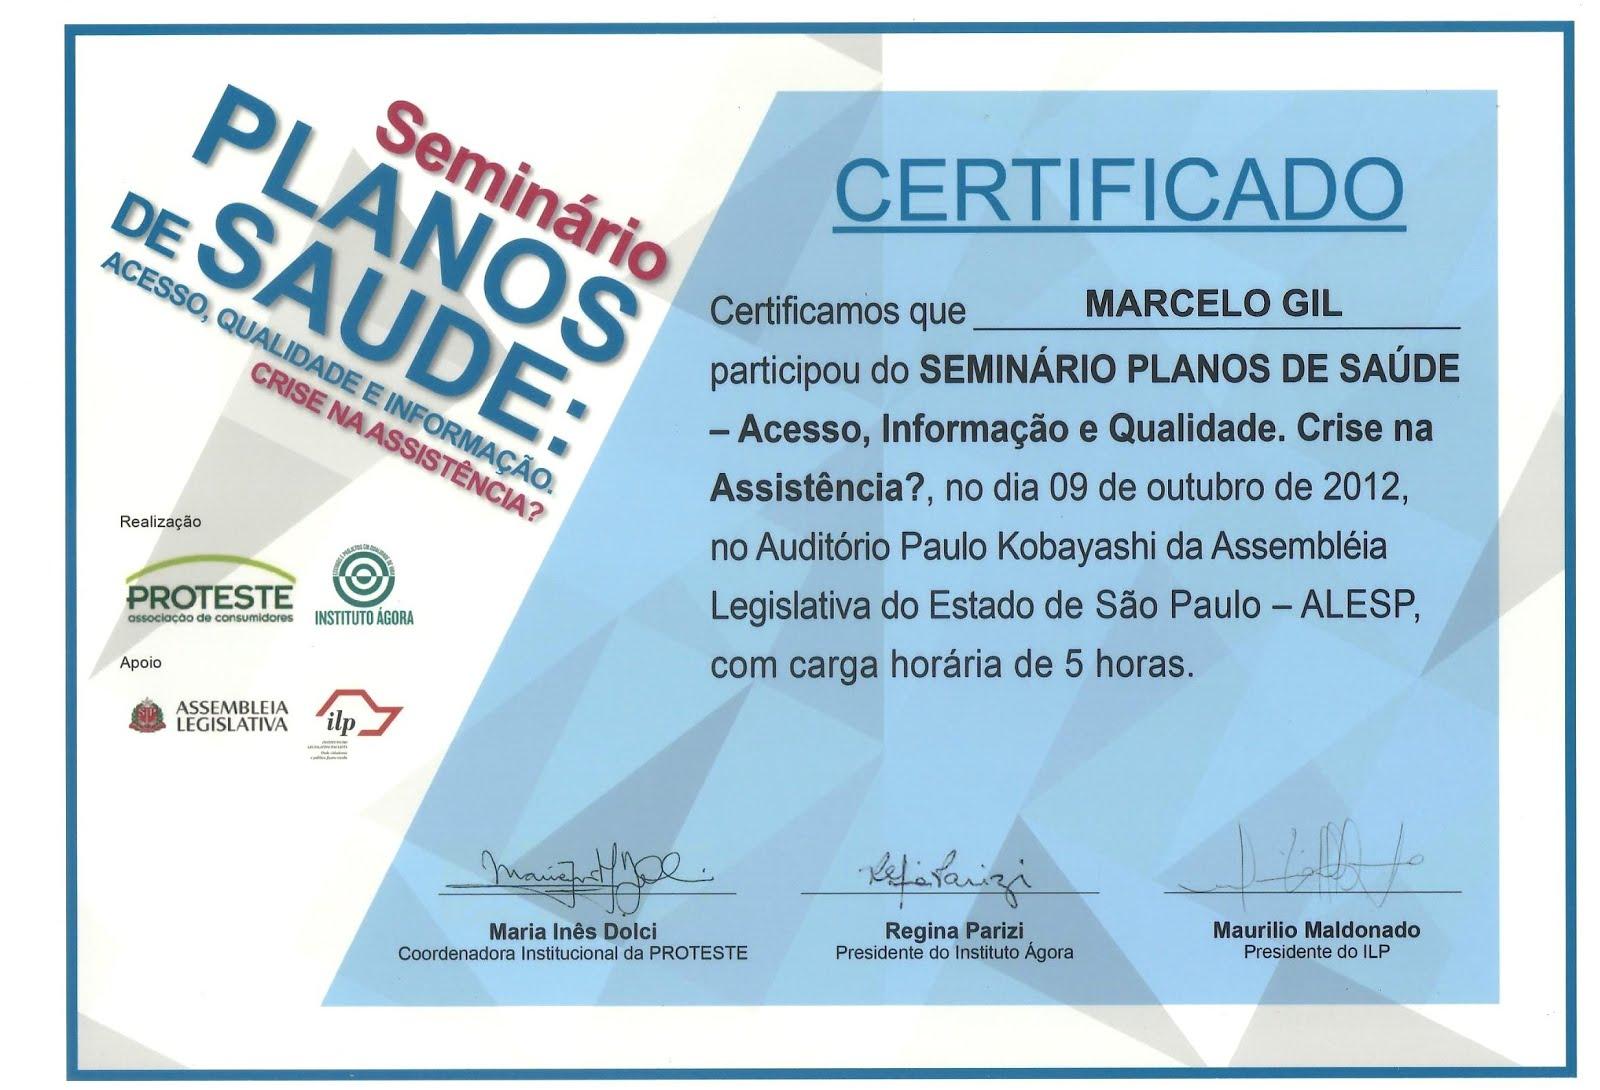 CERTIFICADO DE PARTICIPAÇÃO EM SEMINÁRIO DA ASSOCIAÇÃO BRASILEIRA DE DEFESA DO CONSUMIDOR - 2012